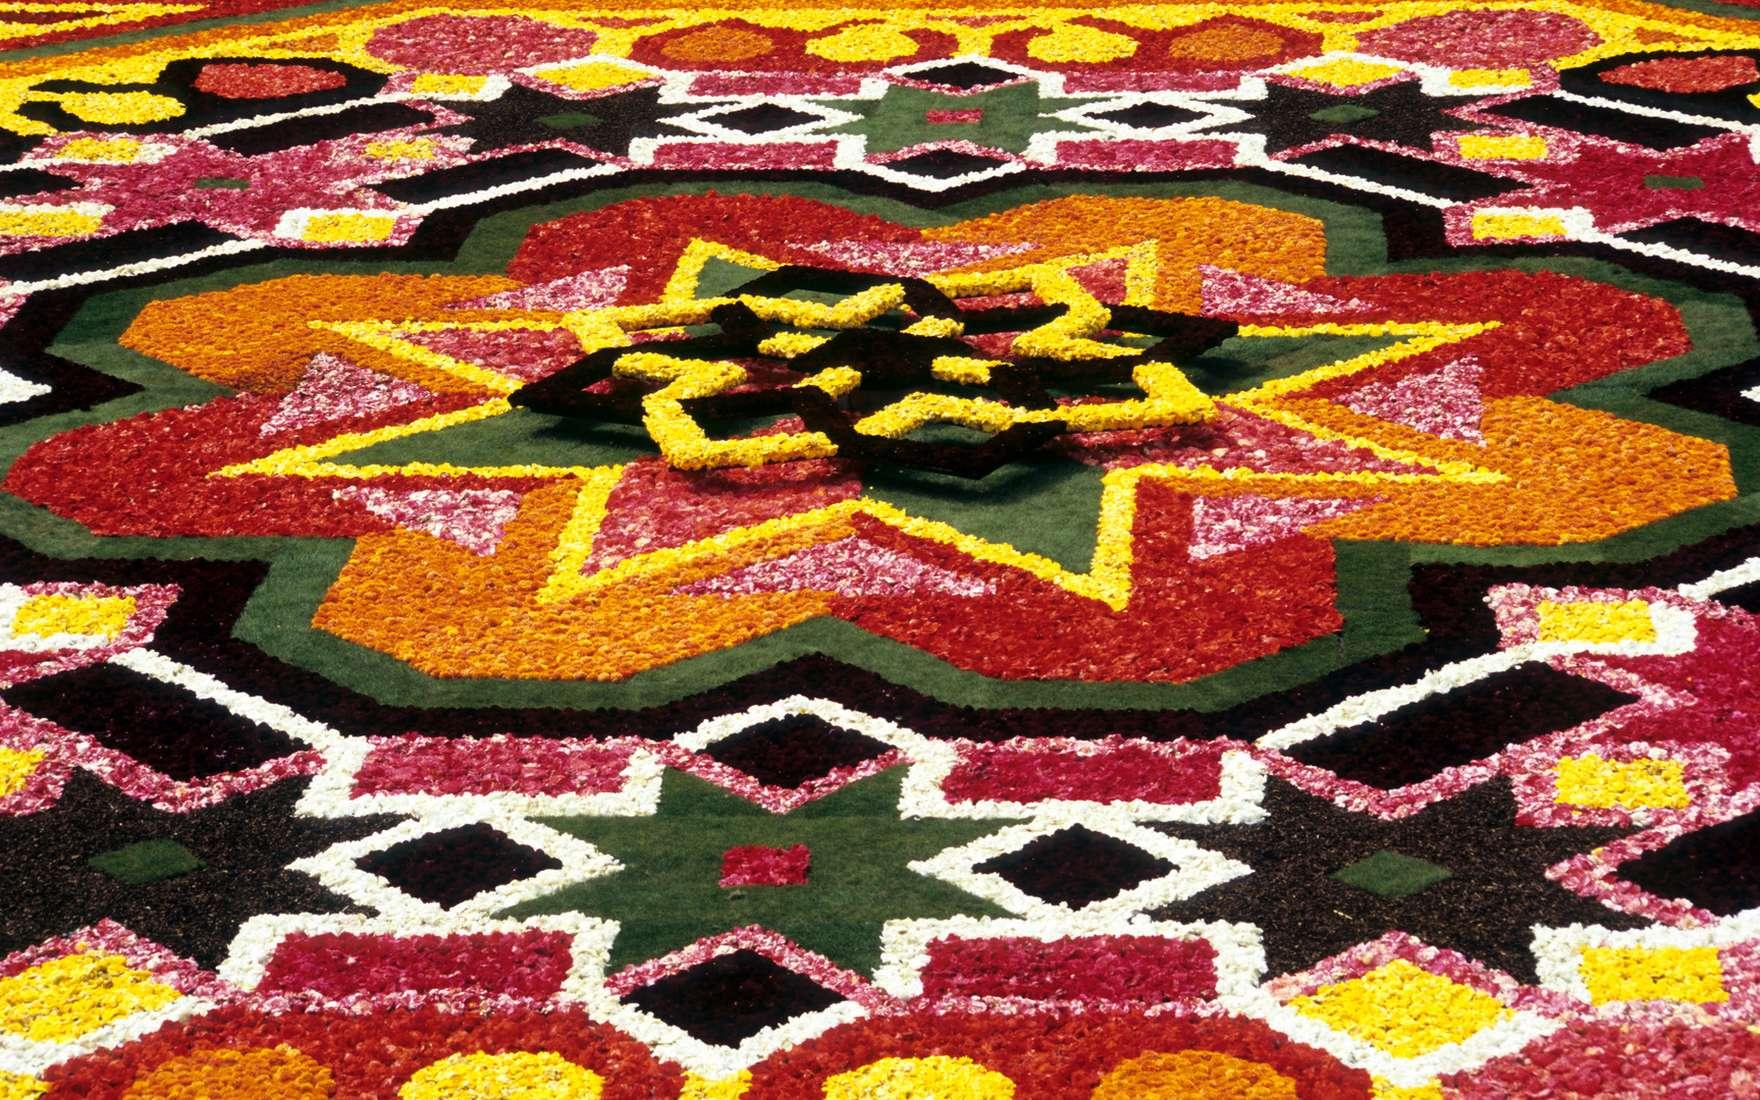 tapis de fleurs a bruxelles